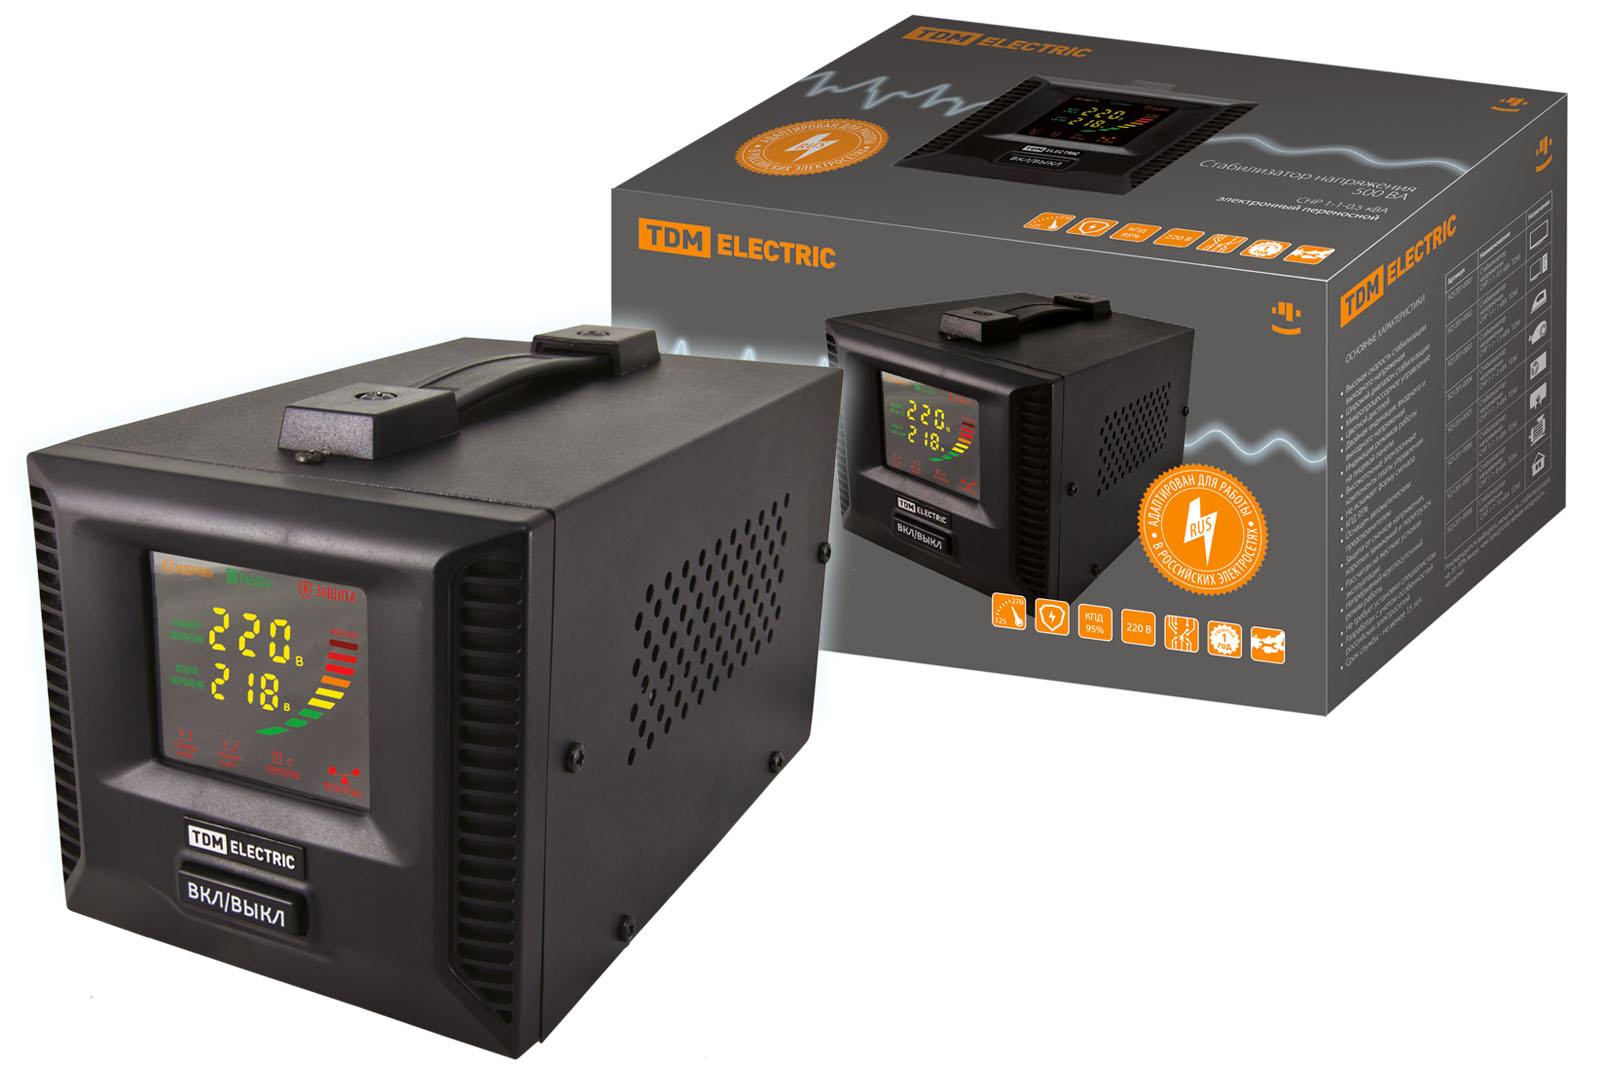 Стабилизатор напряжения Tdm Sq1201-0001